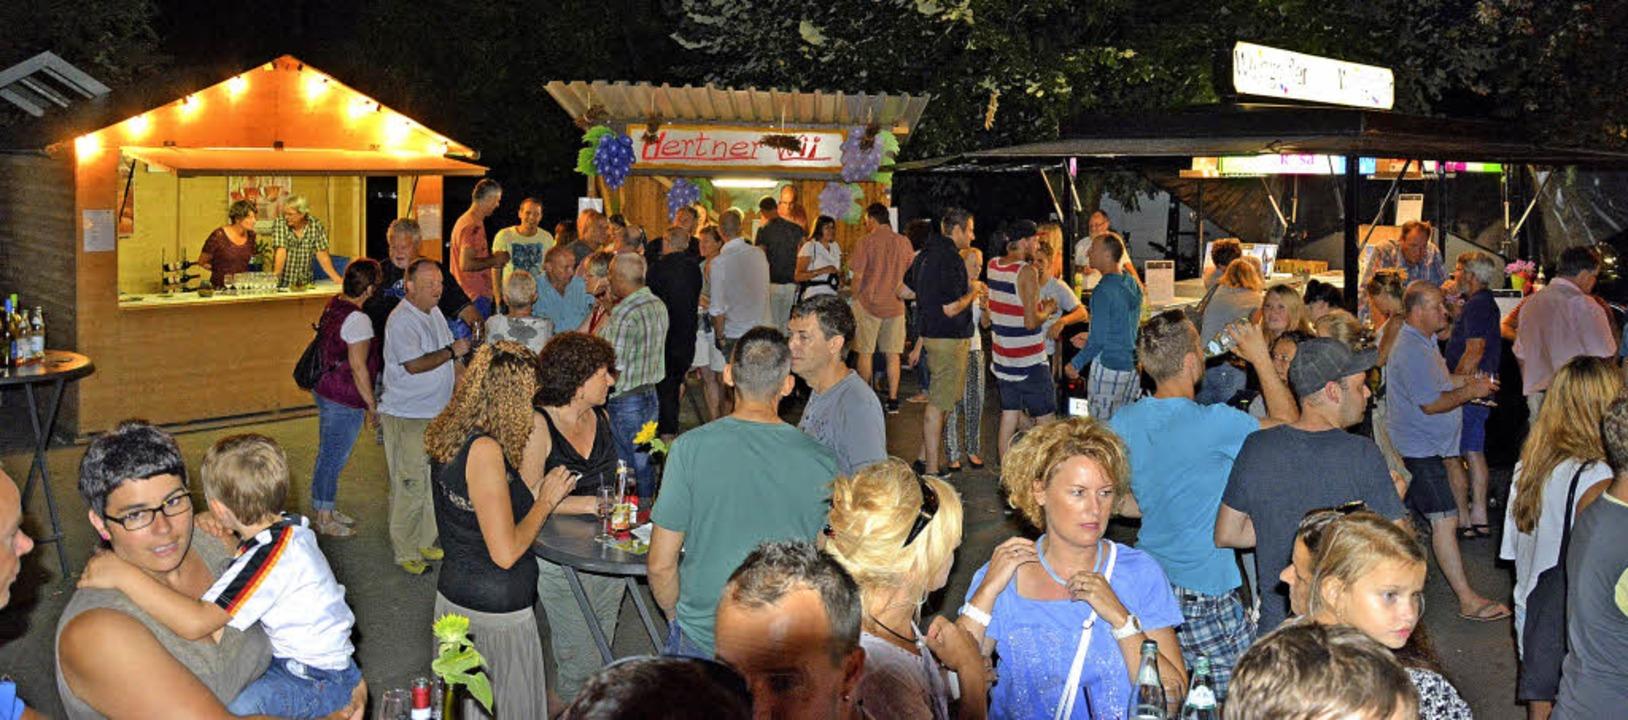 Gut besucht war das kleine Festgelände...en an der Scheffelhalle veranstaltete.  | Foto: Heinz Volmar